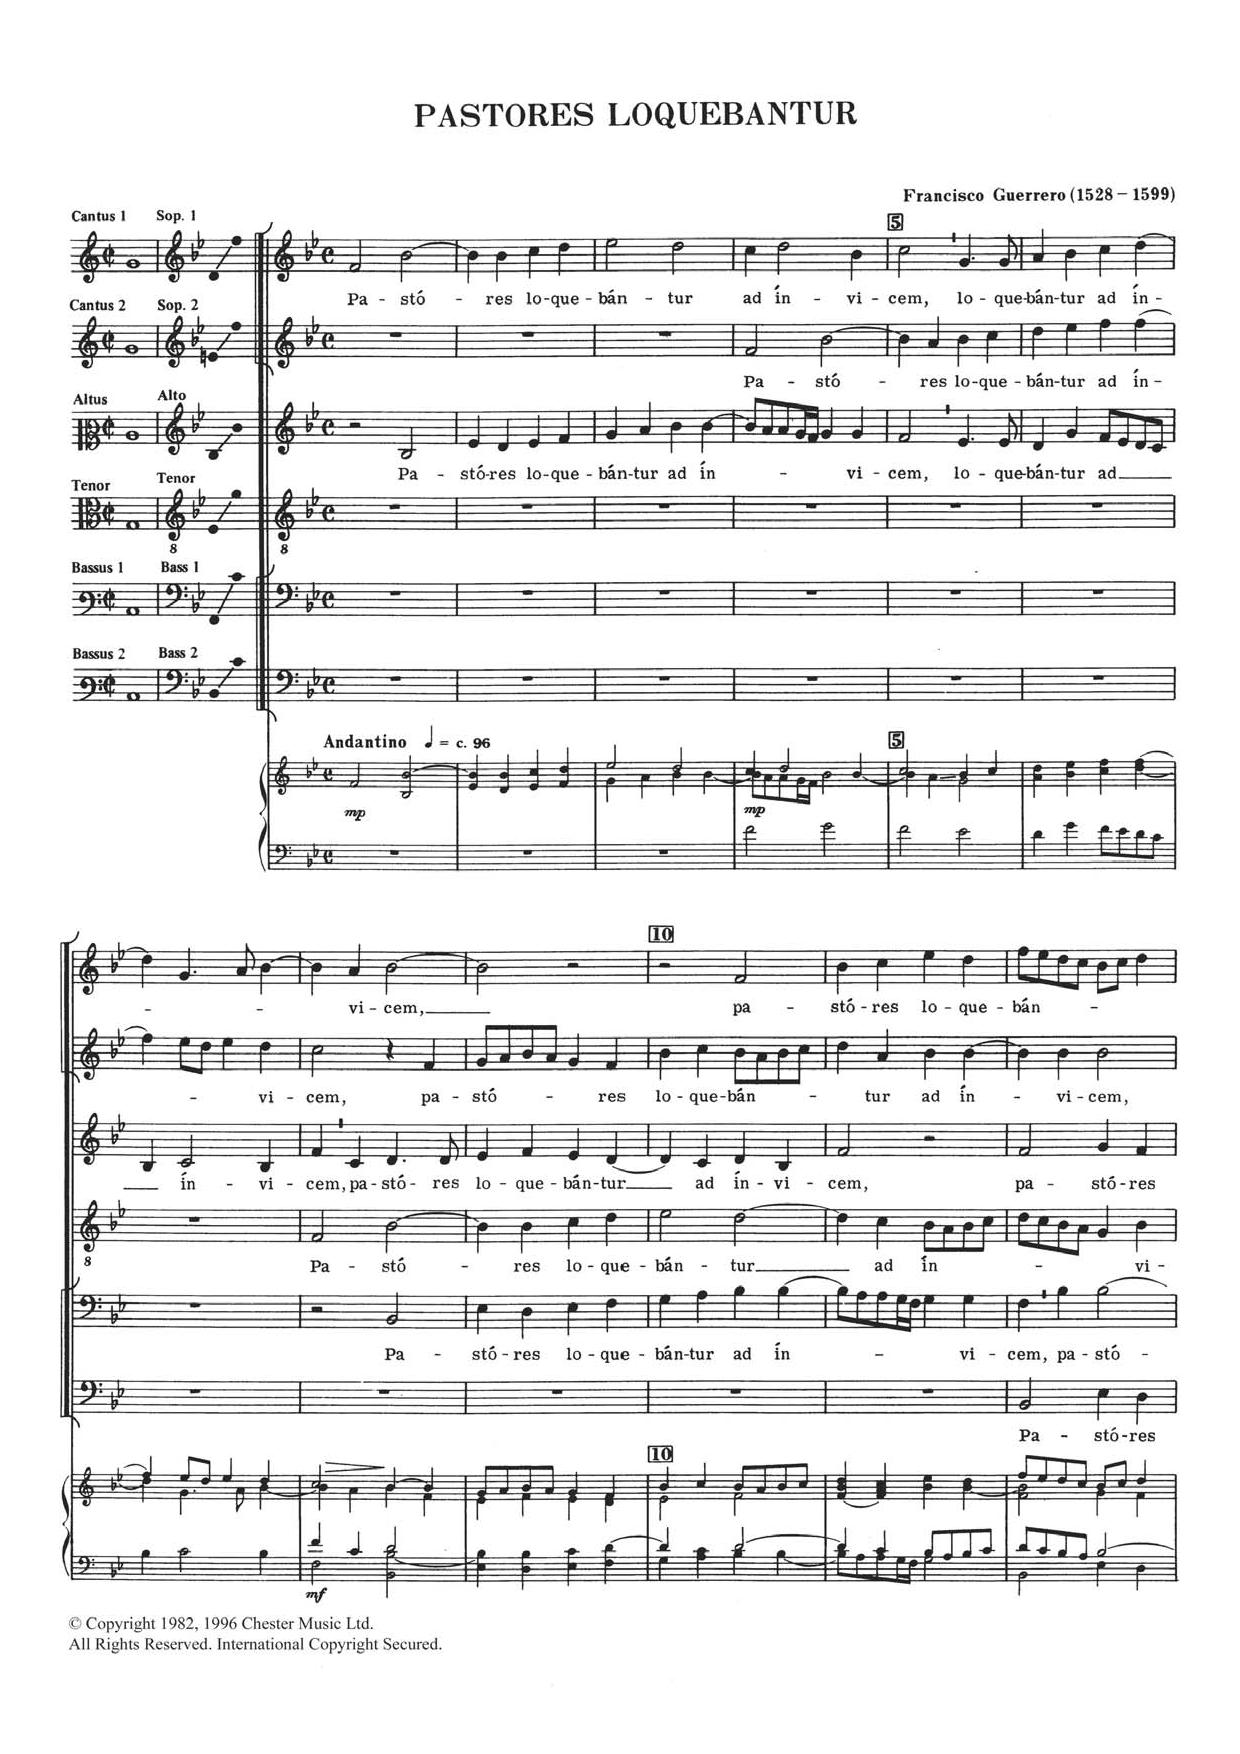 Pastores Loquebantur Sheet Music